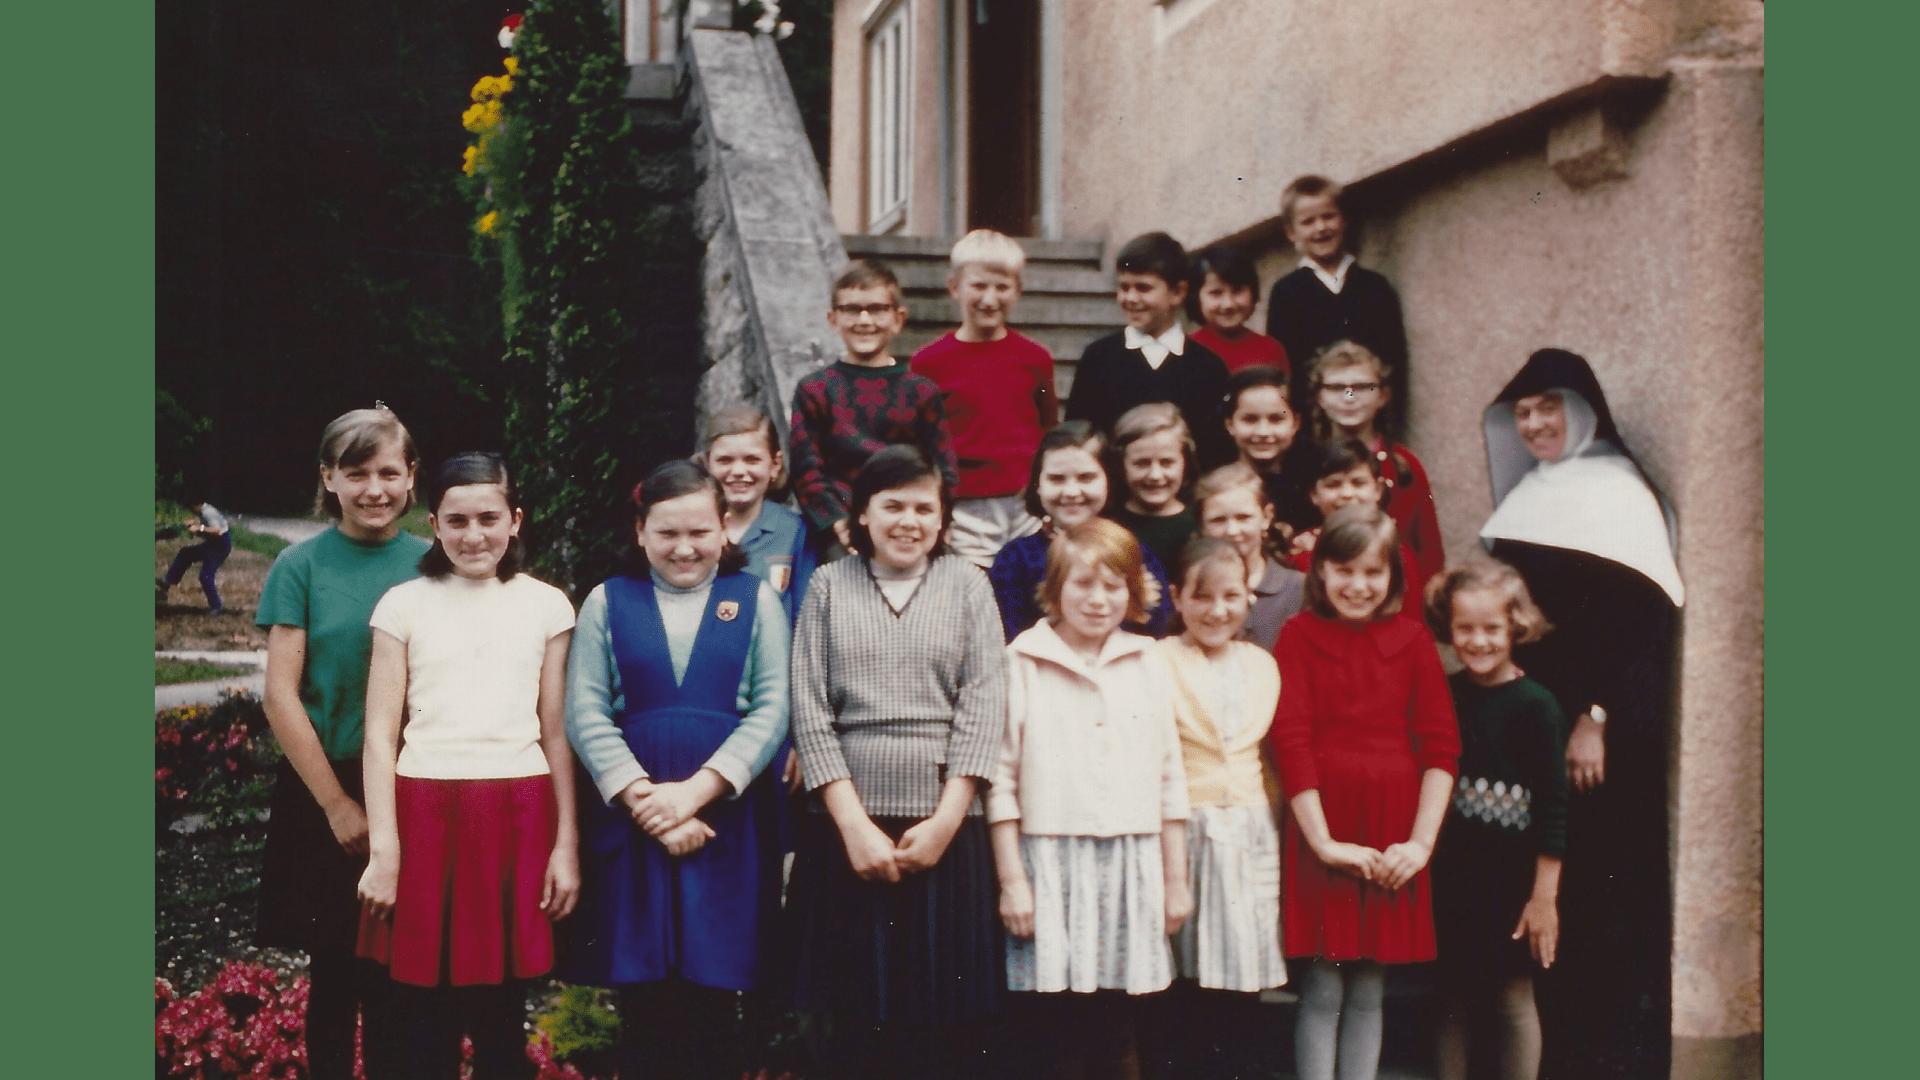 Lockere Entspannung zwischen dem Unterricht 1966 – Foto: Archiv Arme Schulschwestern